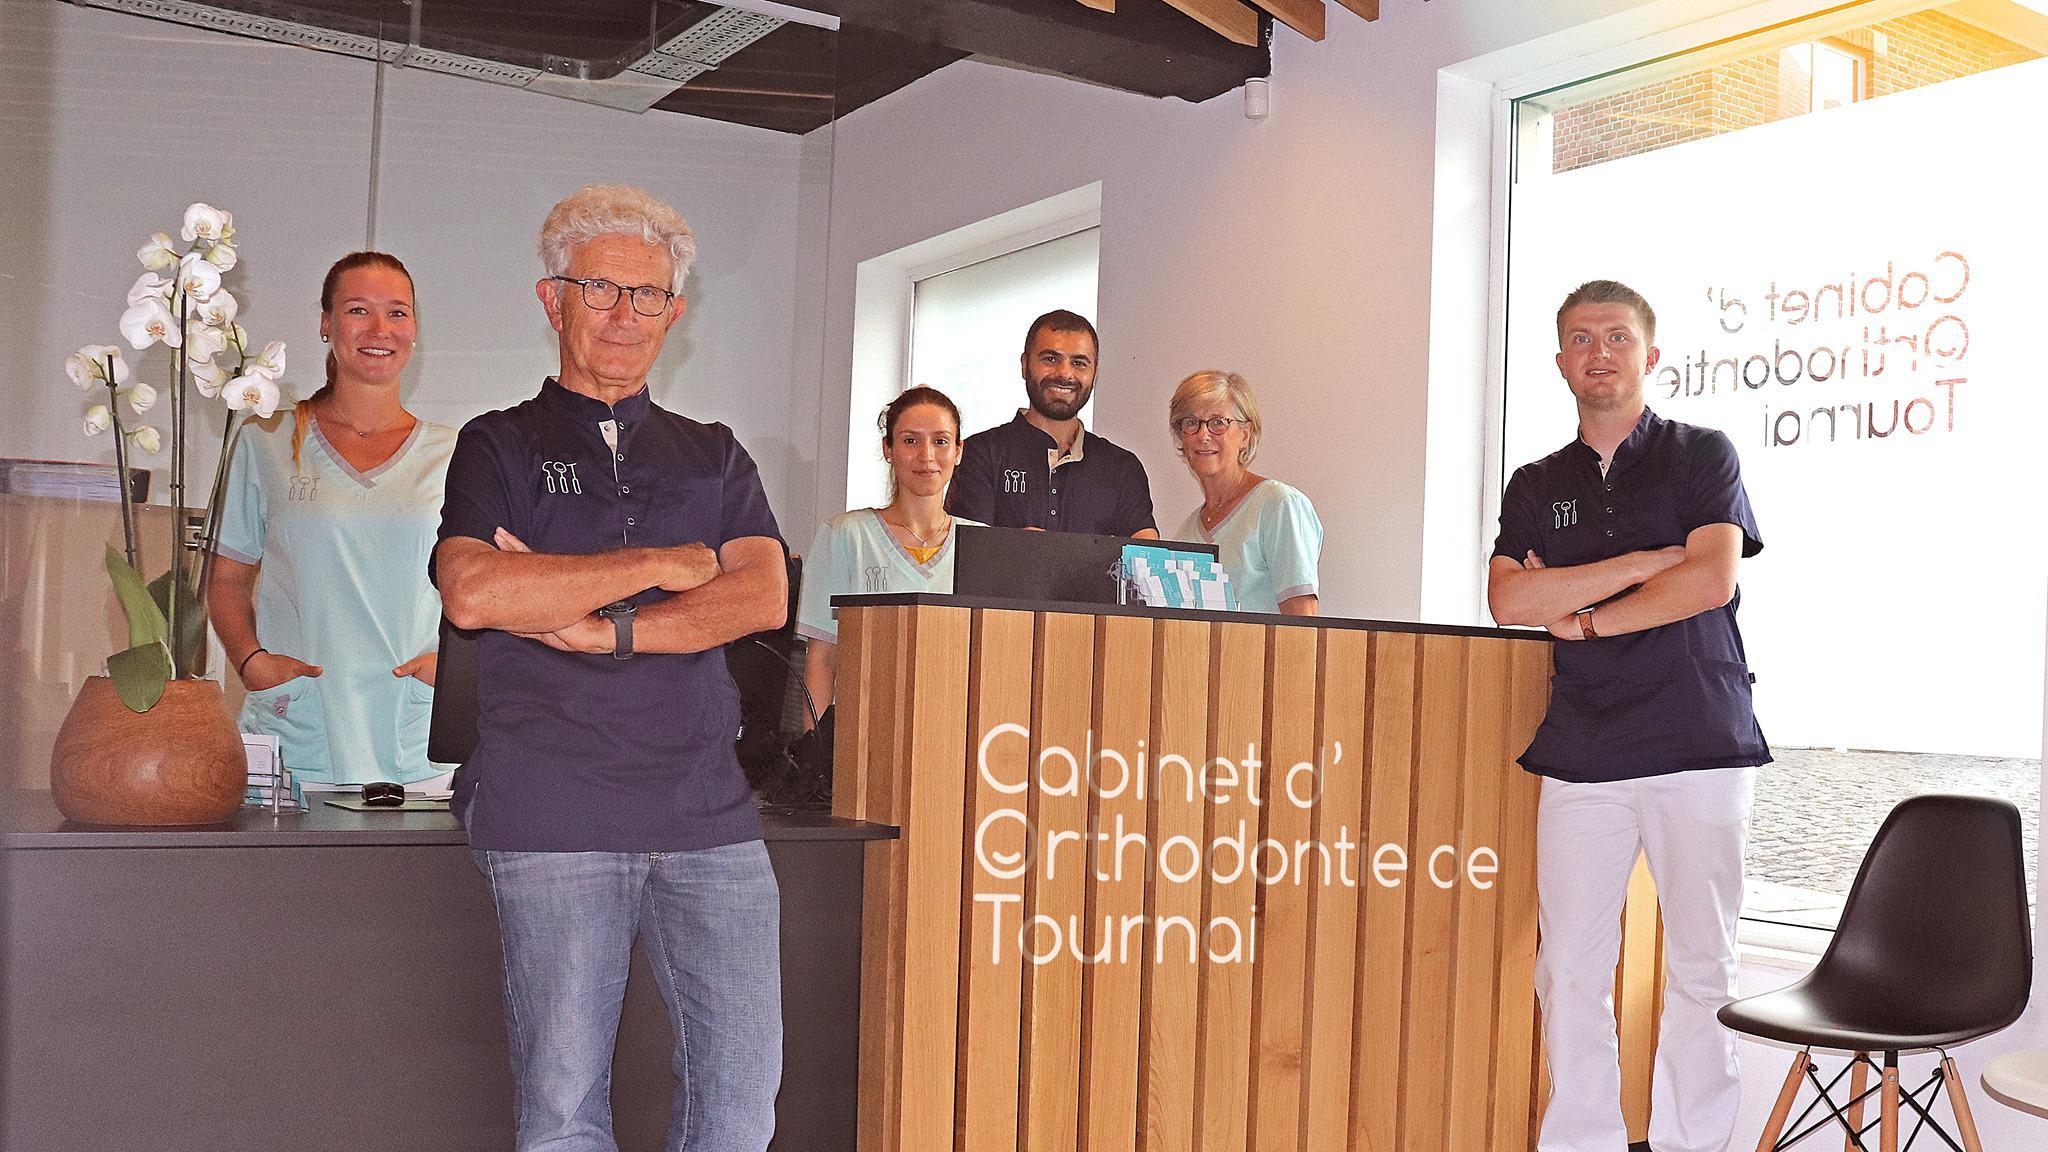 Cabinet d'Orthodontie de Tournai